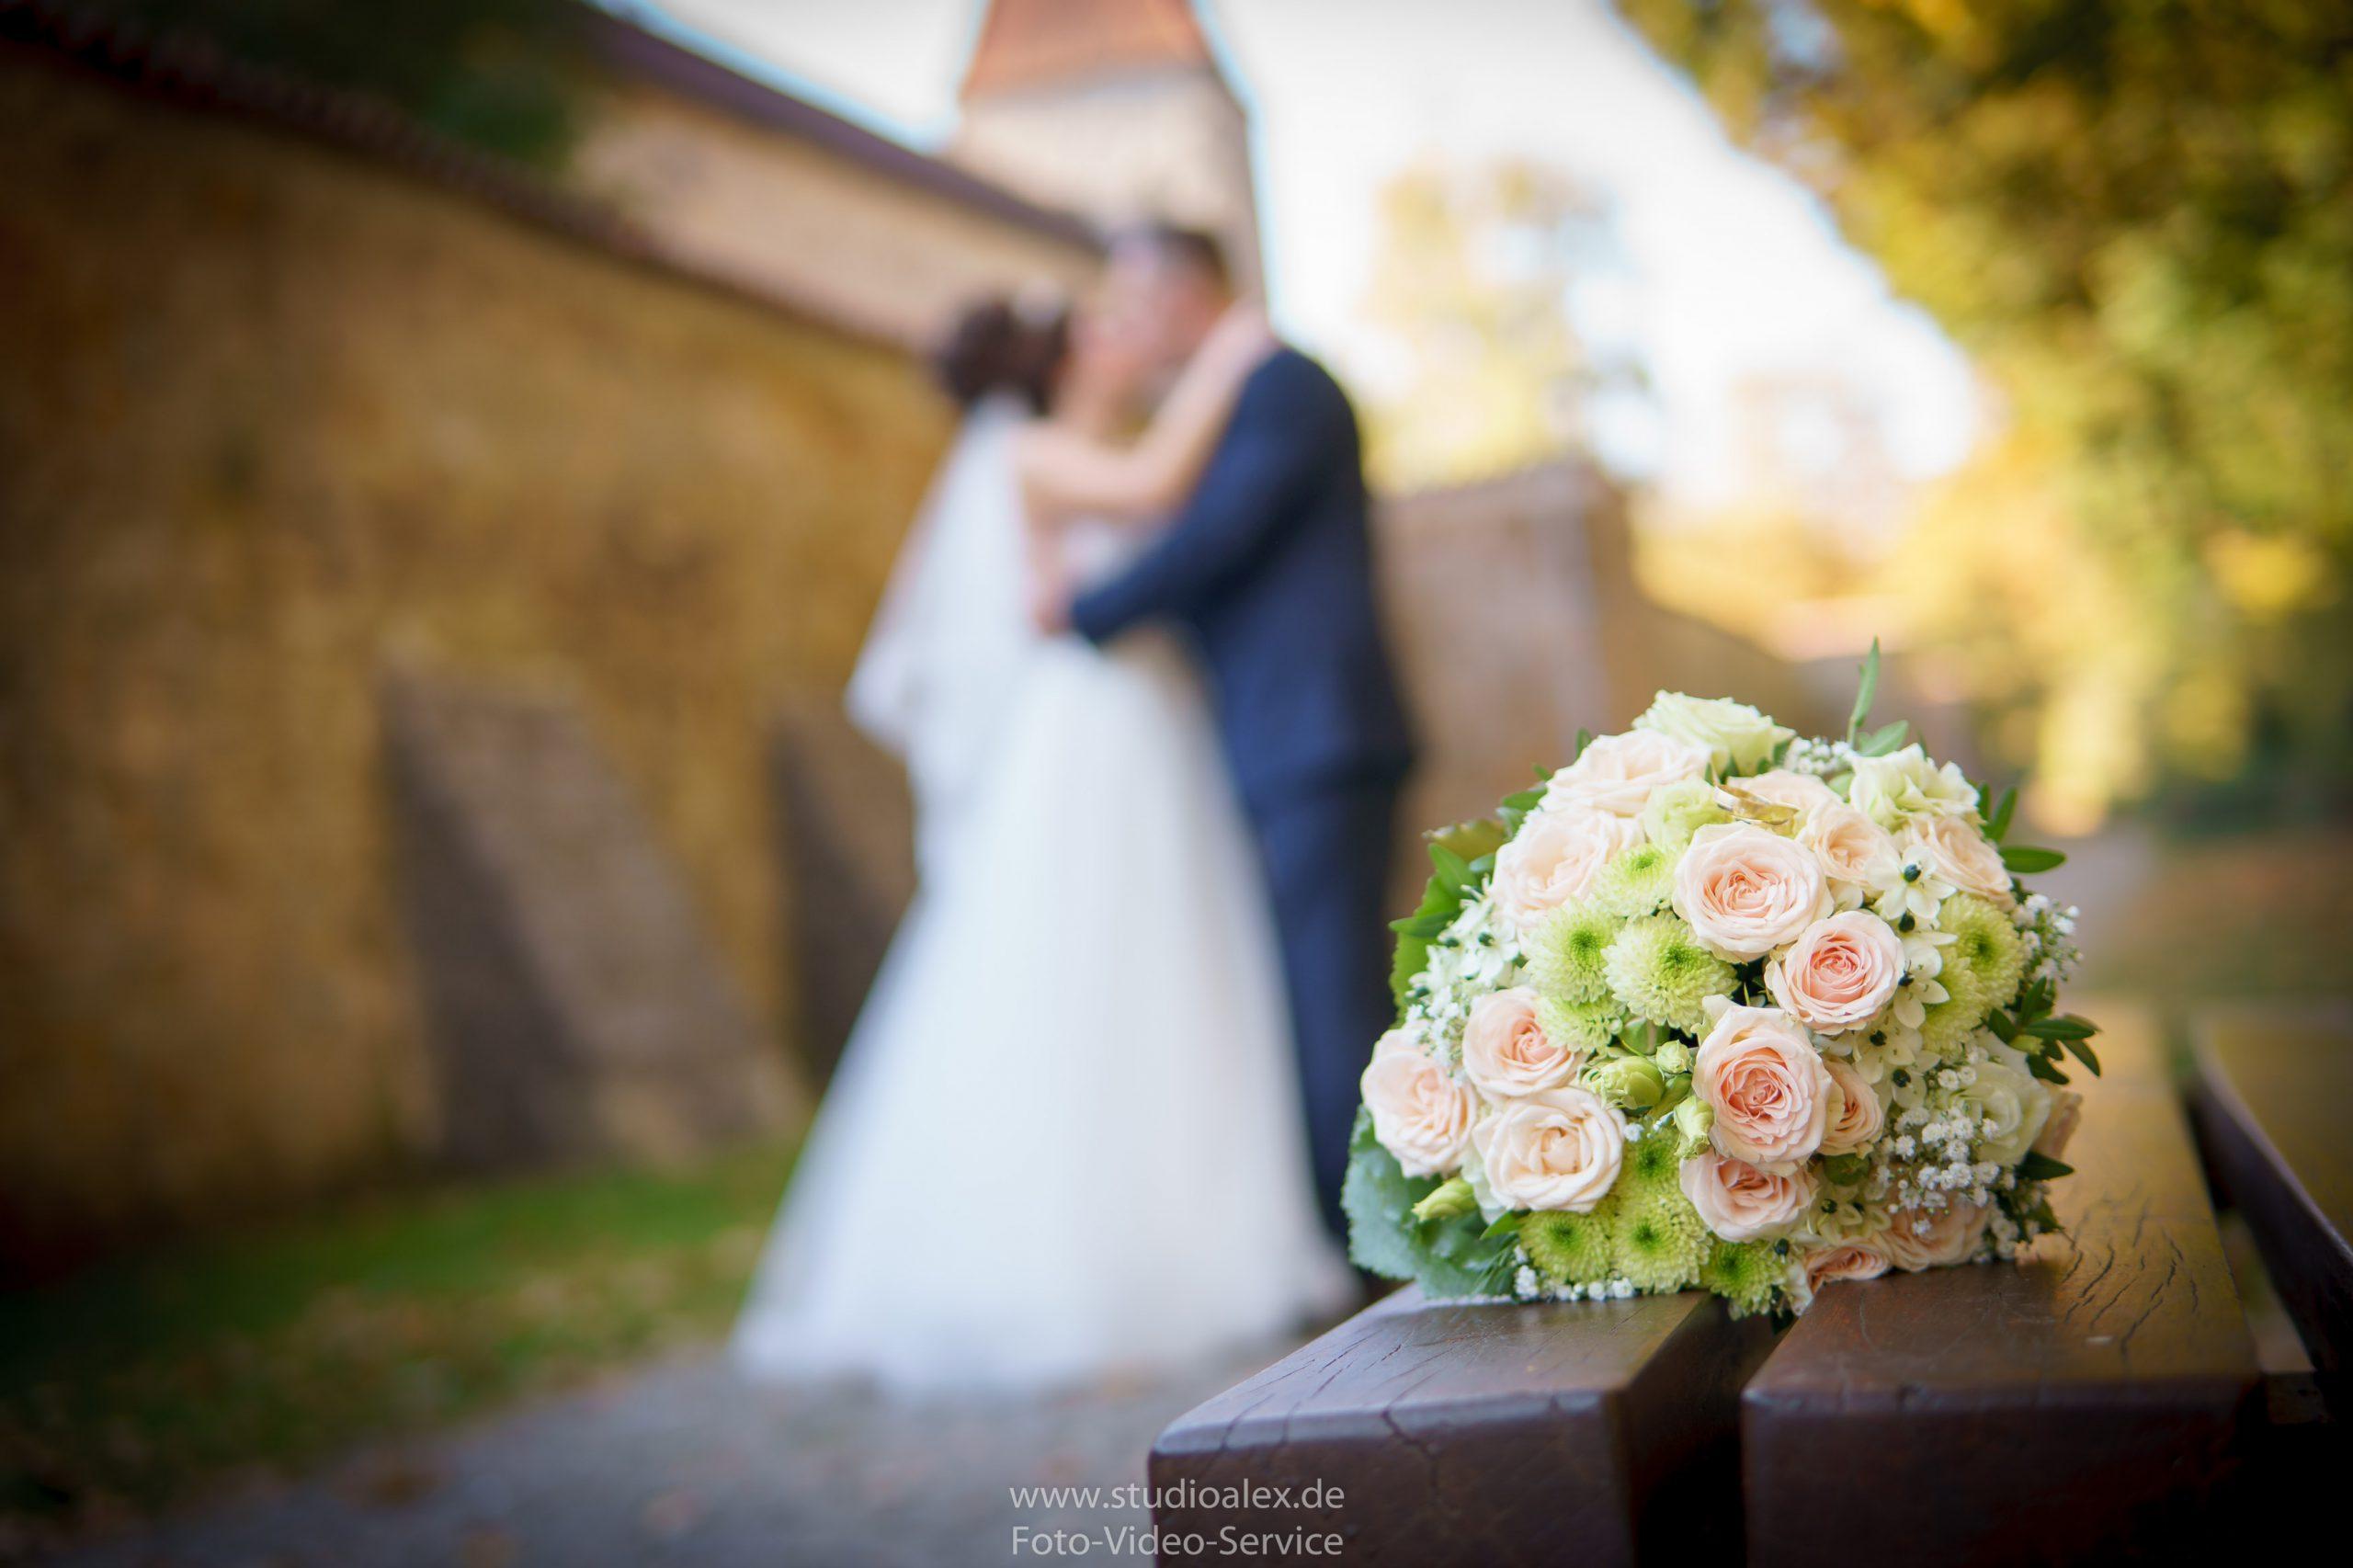 Hochzeitsfotograf-Amberg-Hochzeitsfotografie-Amberg-Hochzeitsfotos-Amberg-Hochzeitsbilder-Amberg-Fotograf-Hochzeit-Amberg-06469-scaled.jpg